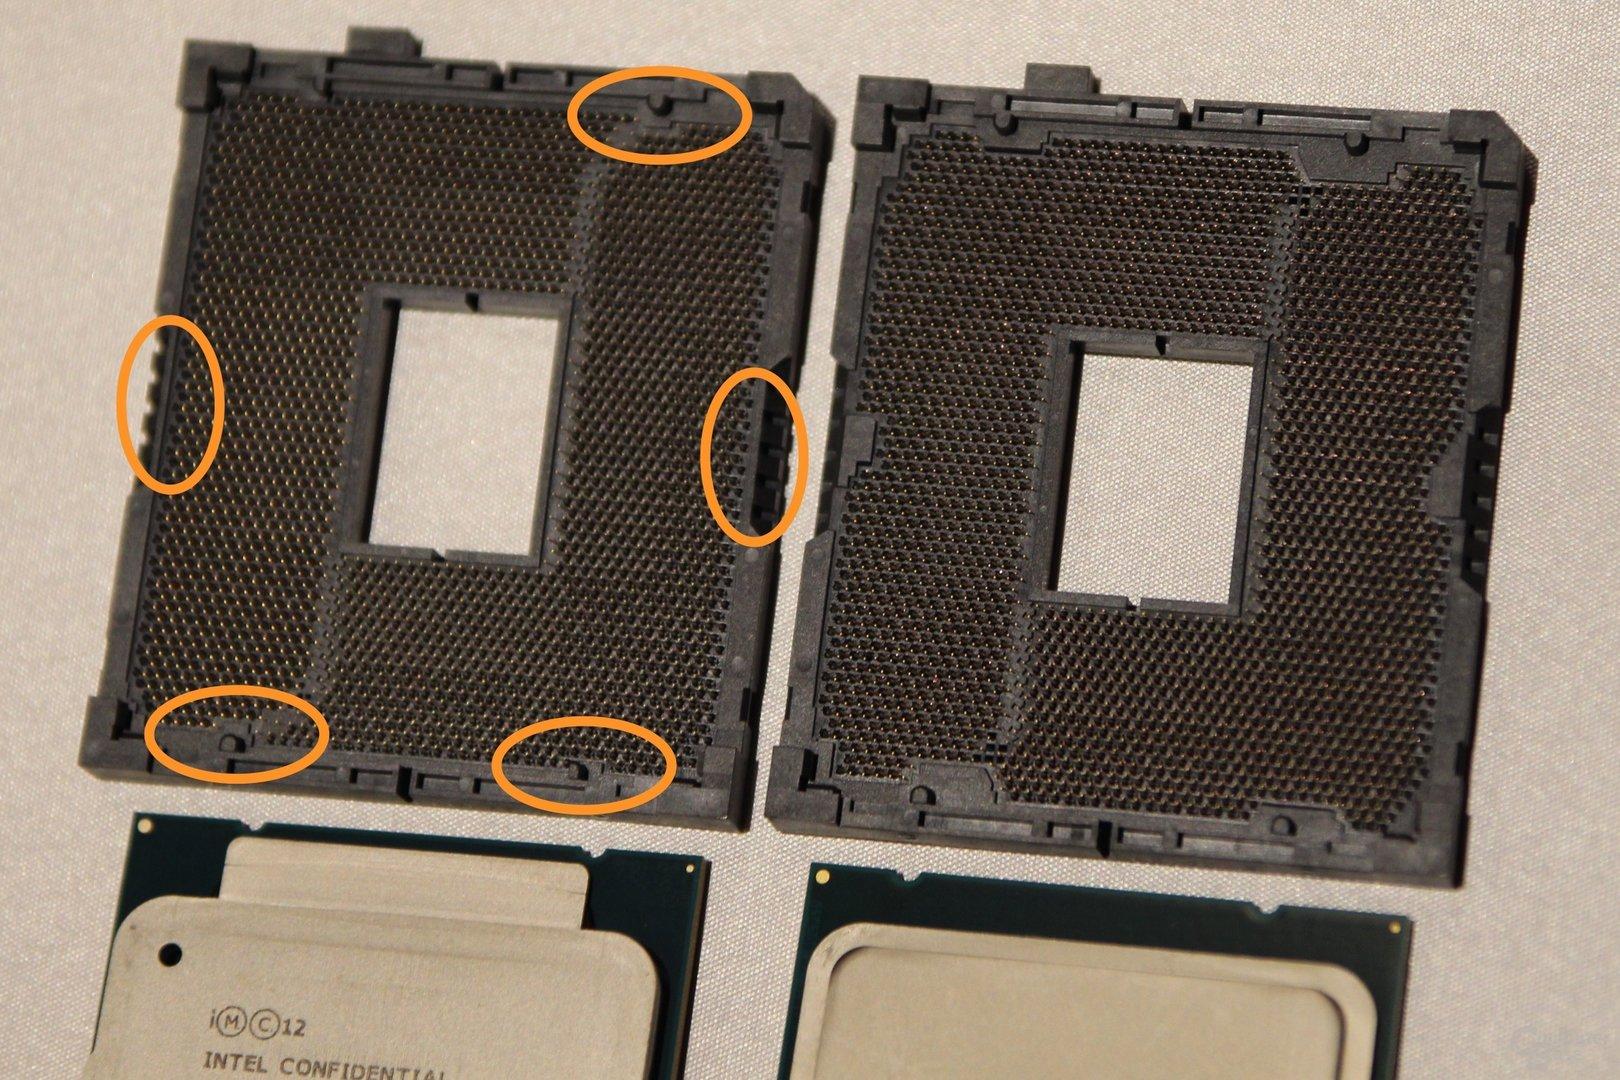 Asus OC Sockel (links) und normaler Sockel (rechts)